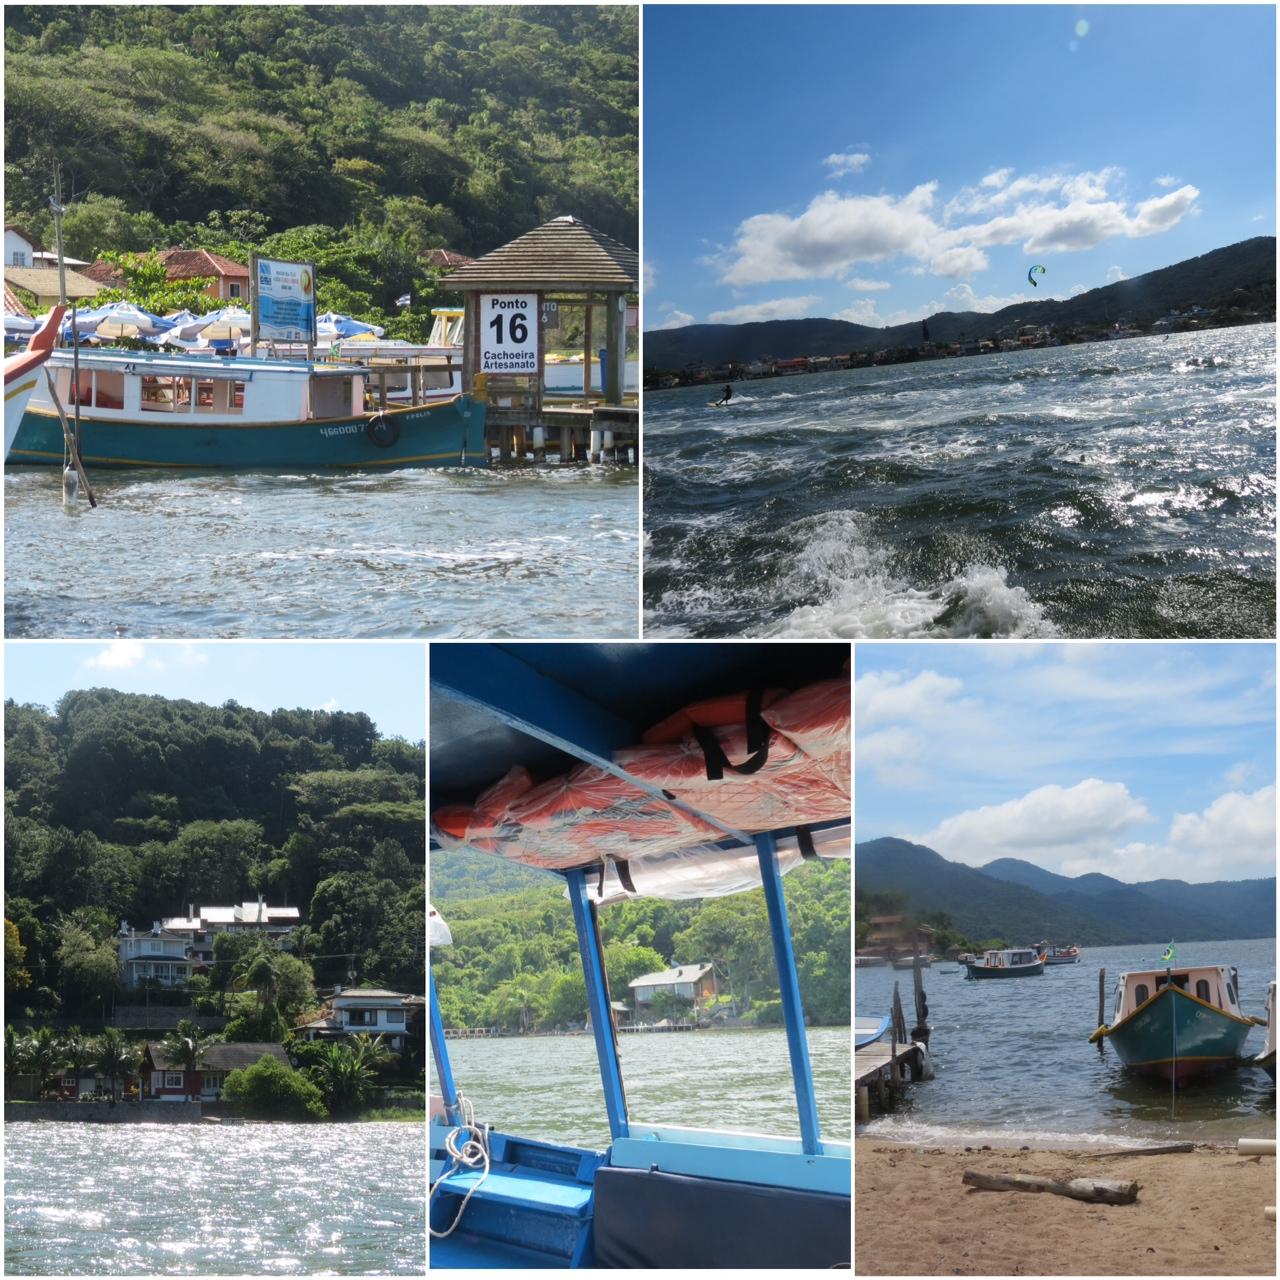 Barco pela Lagoa da Conceição